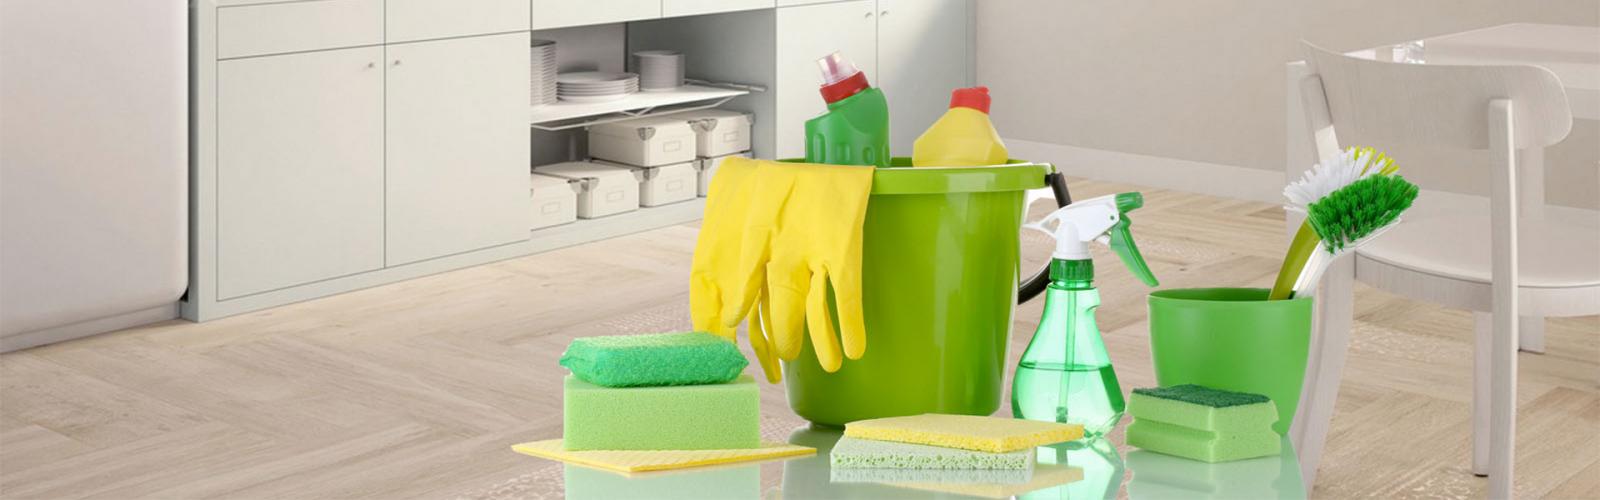 Фото моющих средств для уборки в доме